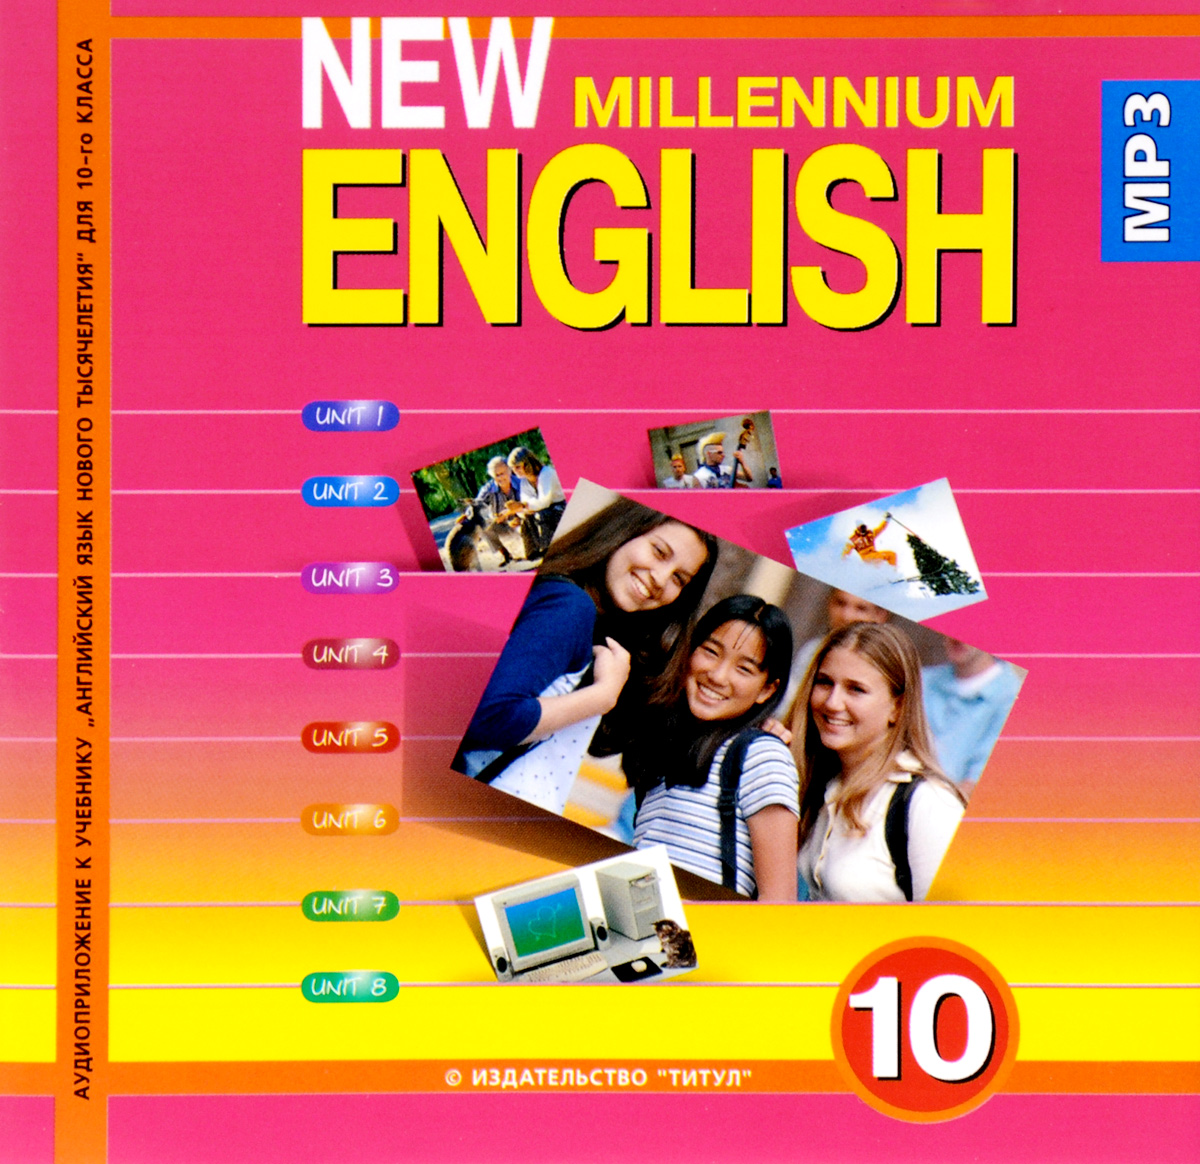 New Millennium English 10 / Английский язык нового тысячелетия. Английский язык. 10 класс. Электронное учебное пособие панкова а г английский язык 9 класс решебник new millennium english workbook student book